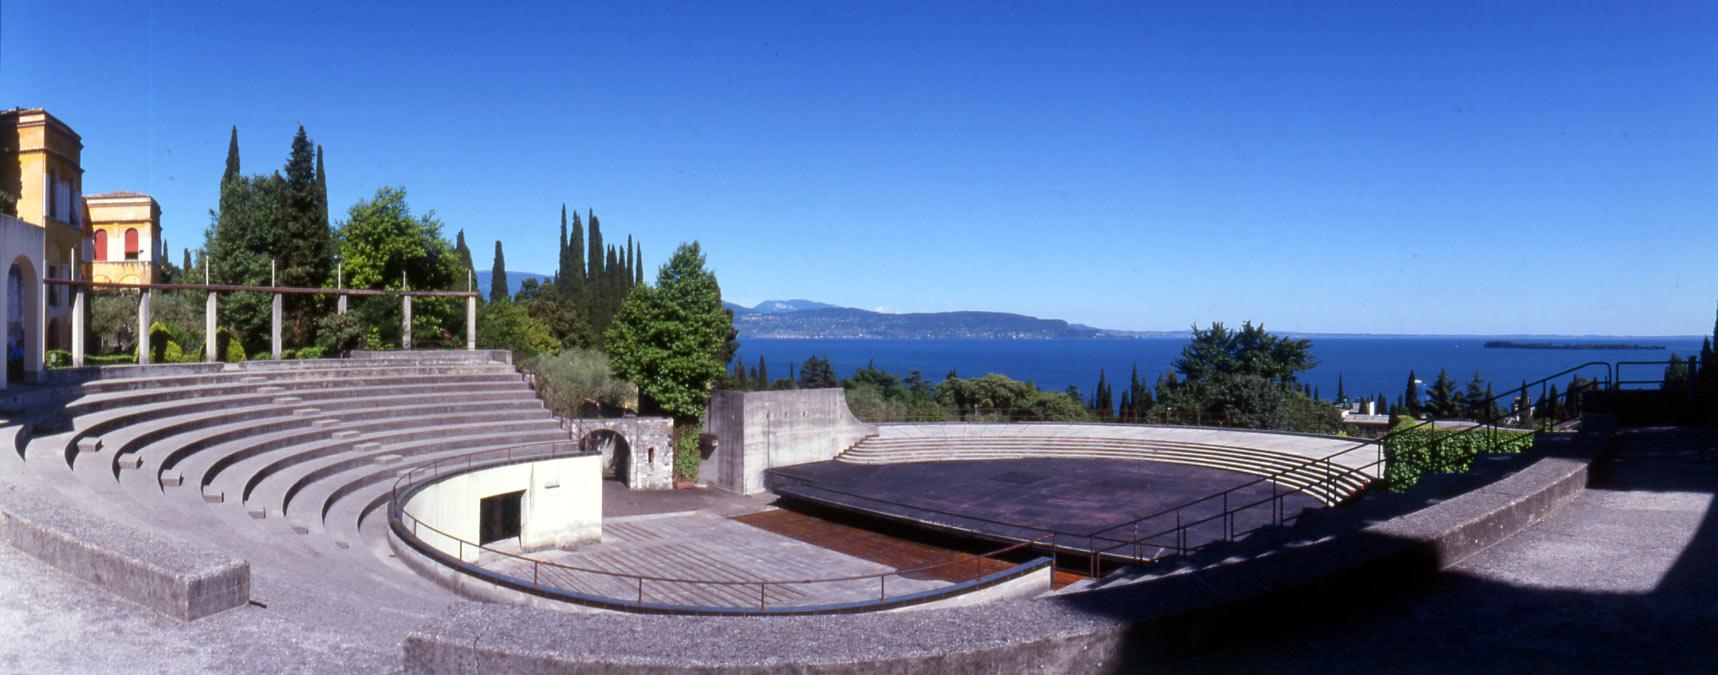 Gardone Riviera, il teatro all'aperto del Vittoriale